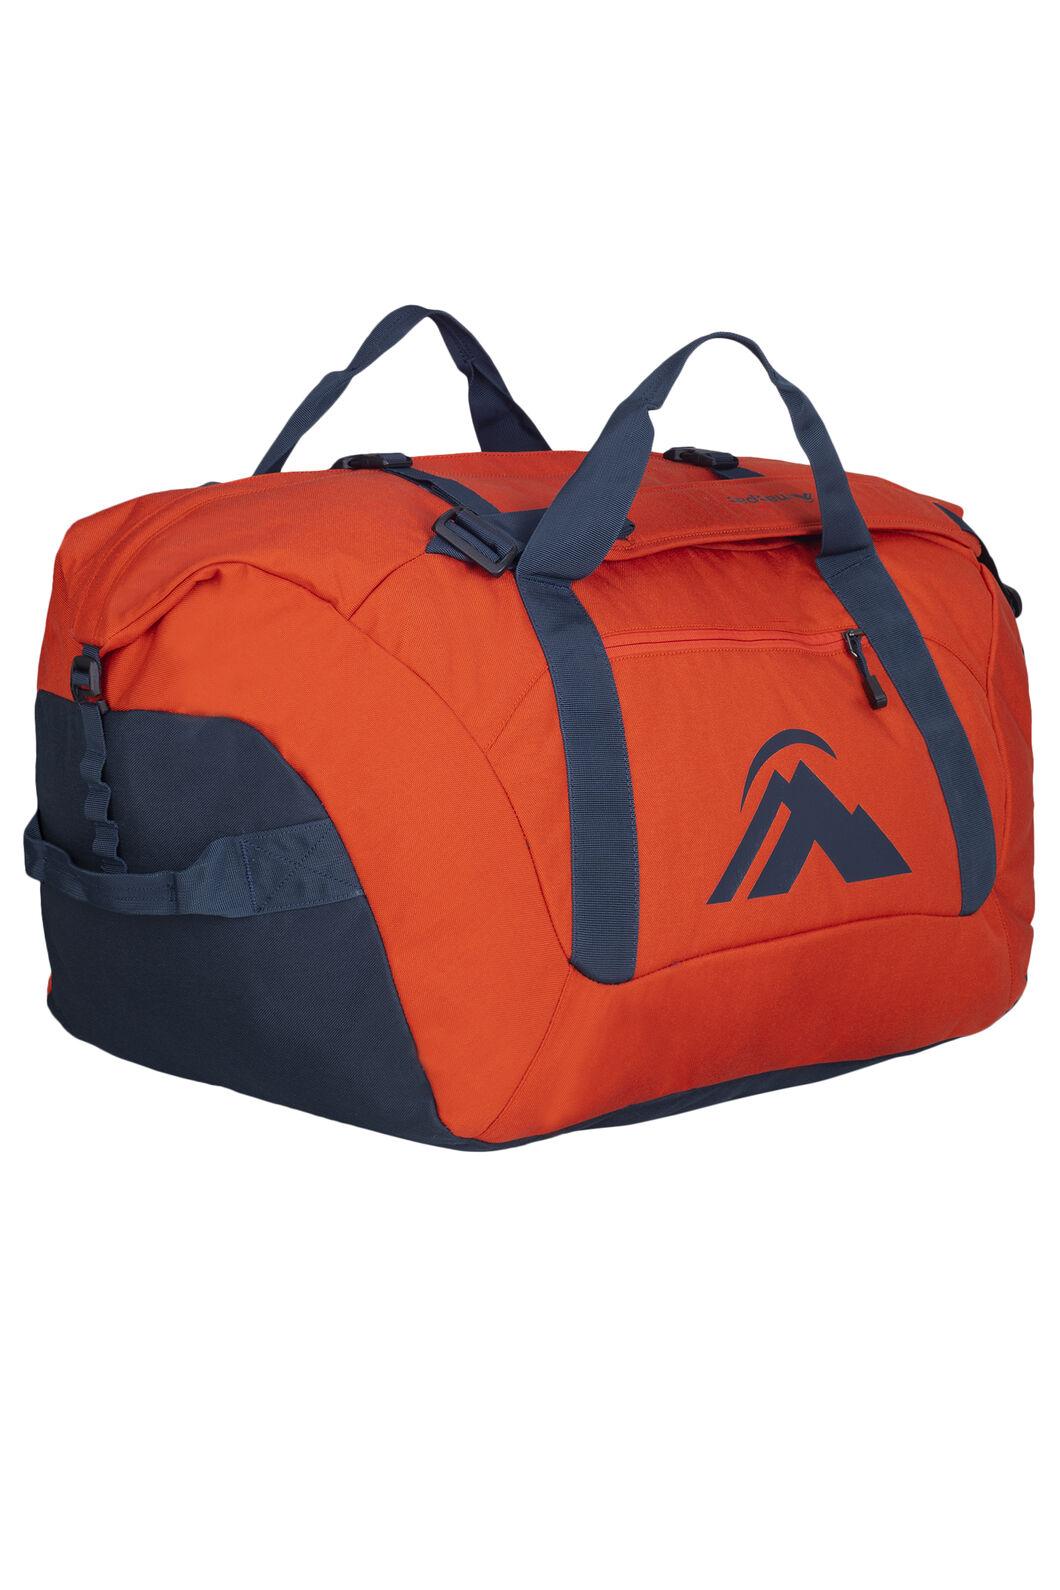 Macpac 80L Duffel Bag, Pumpkin, hi-res